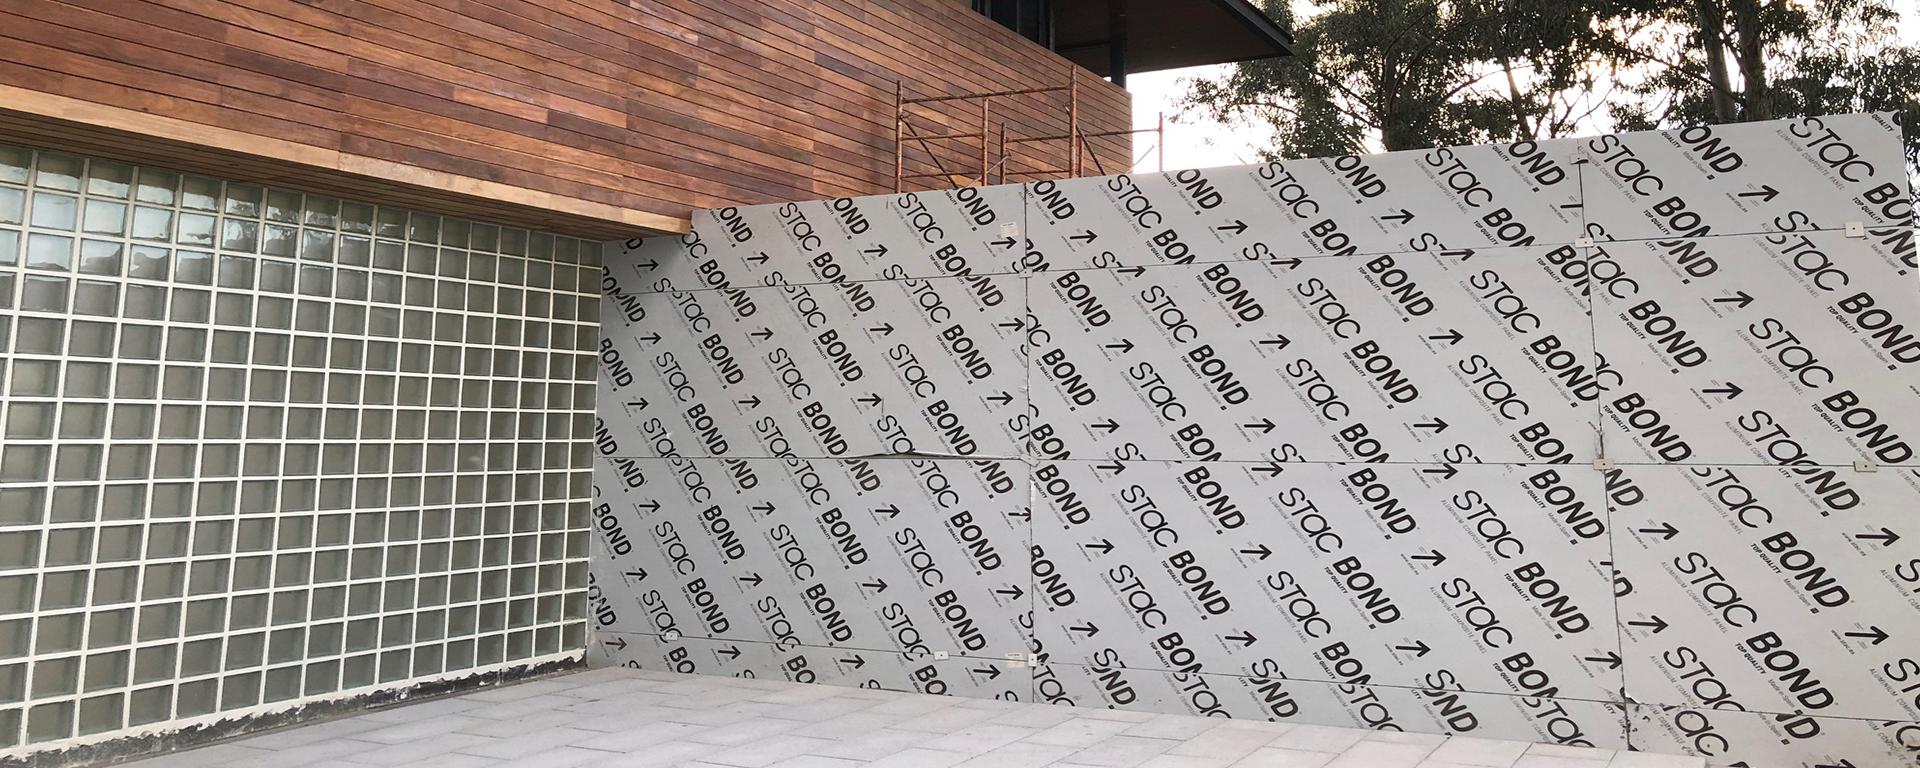 fachada-aluminio-cementicio-acimco-ecuador-antes